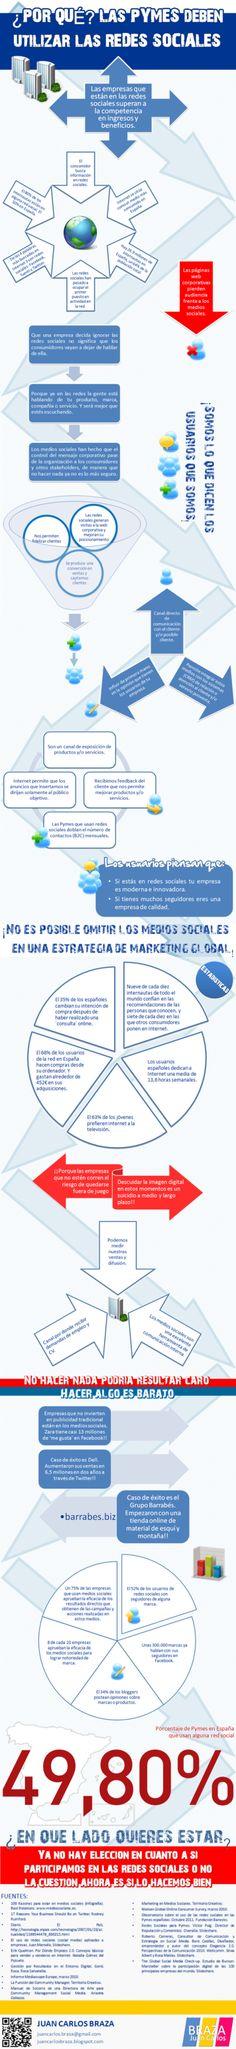 #infografía ¿Por qué las #Pymes deben utilizar las redes sociales? #empresas2.0